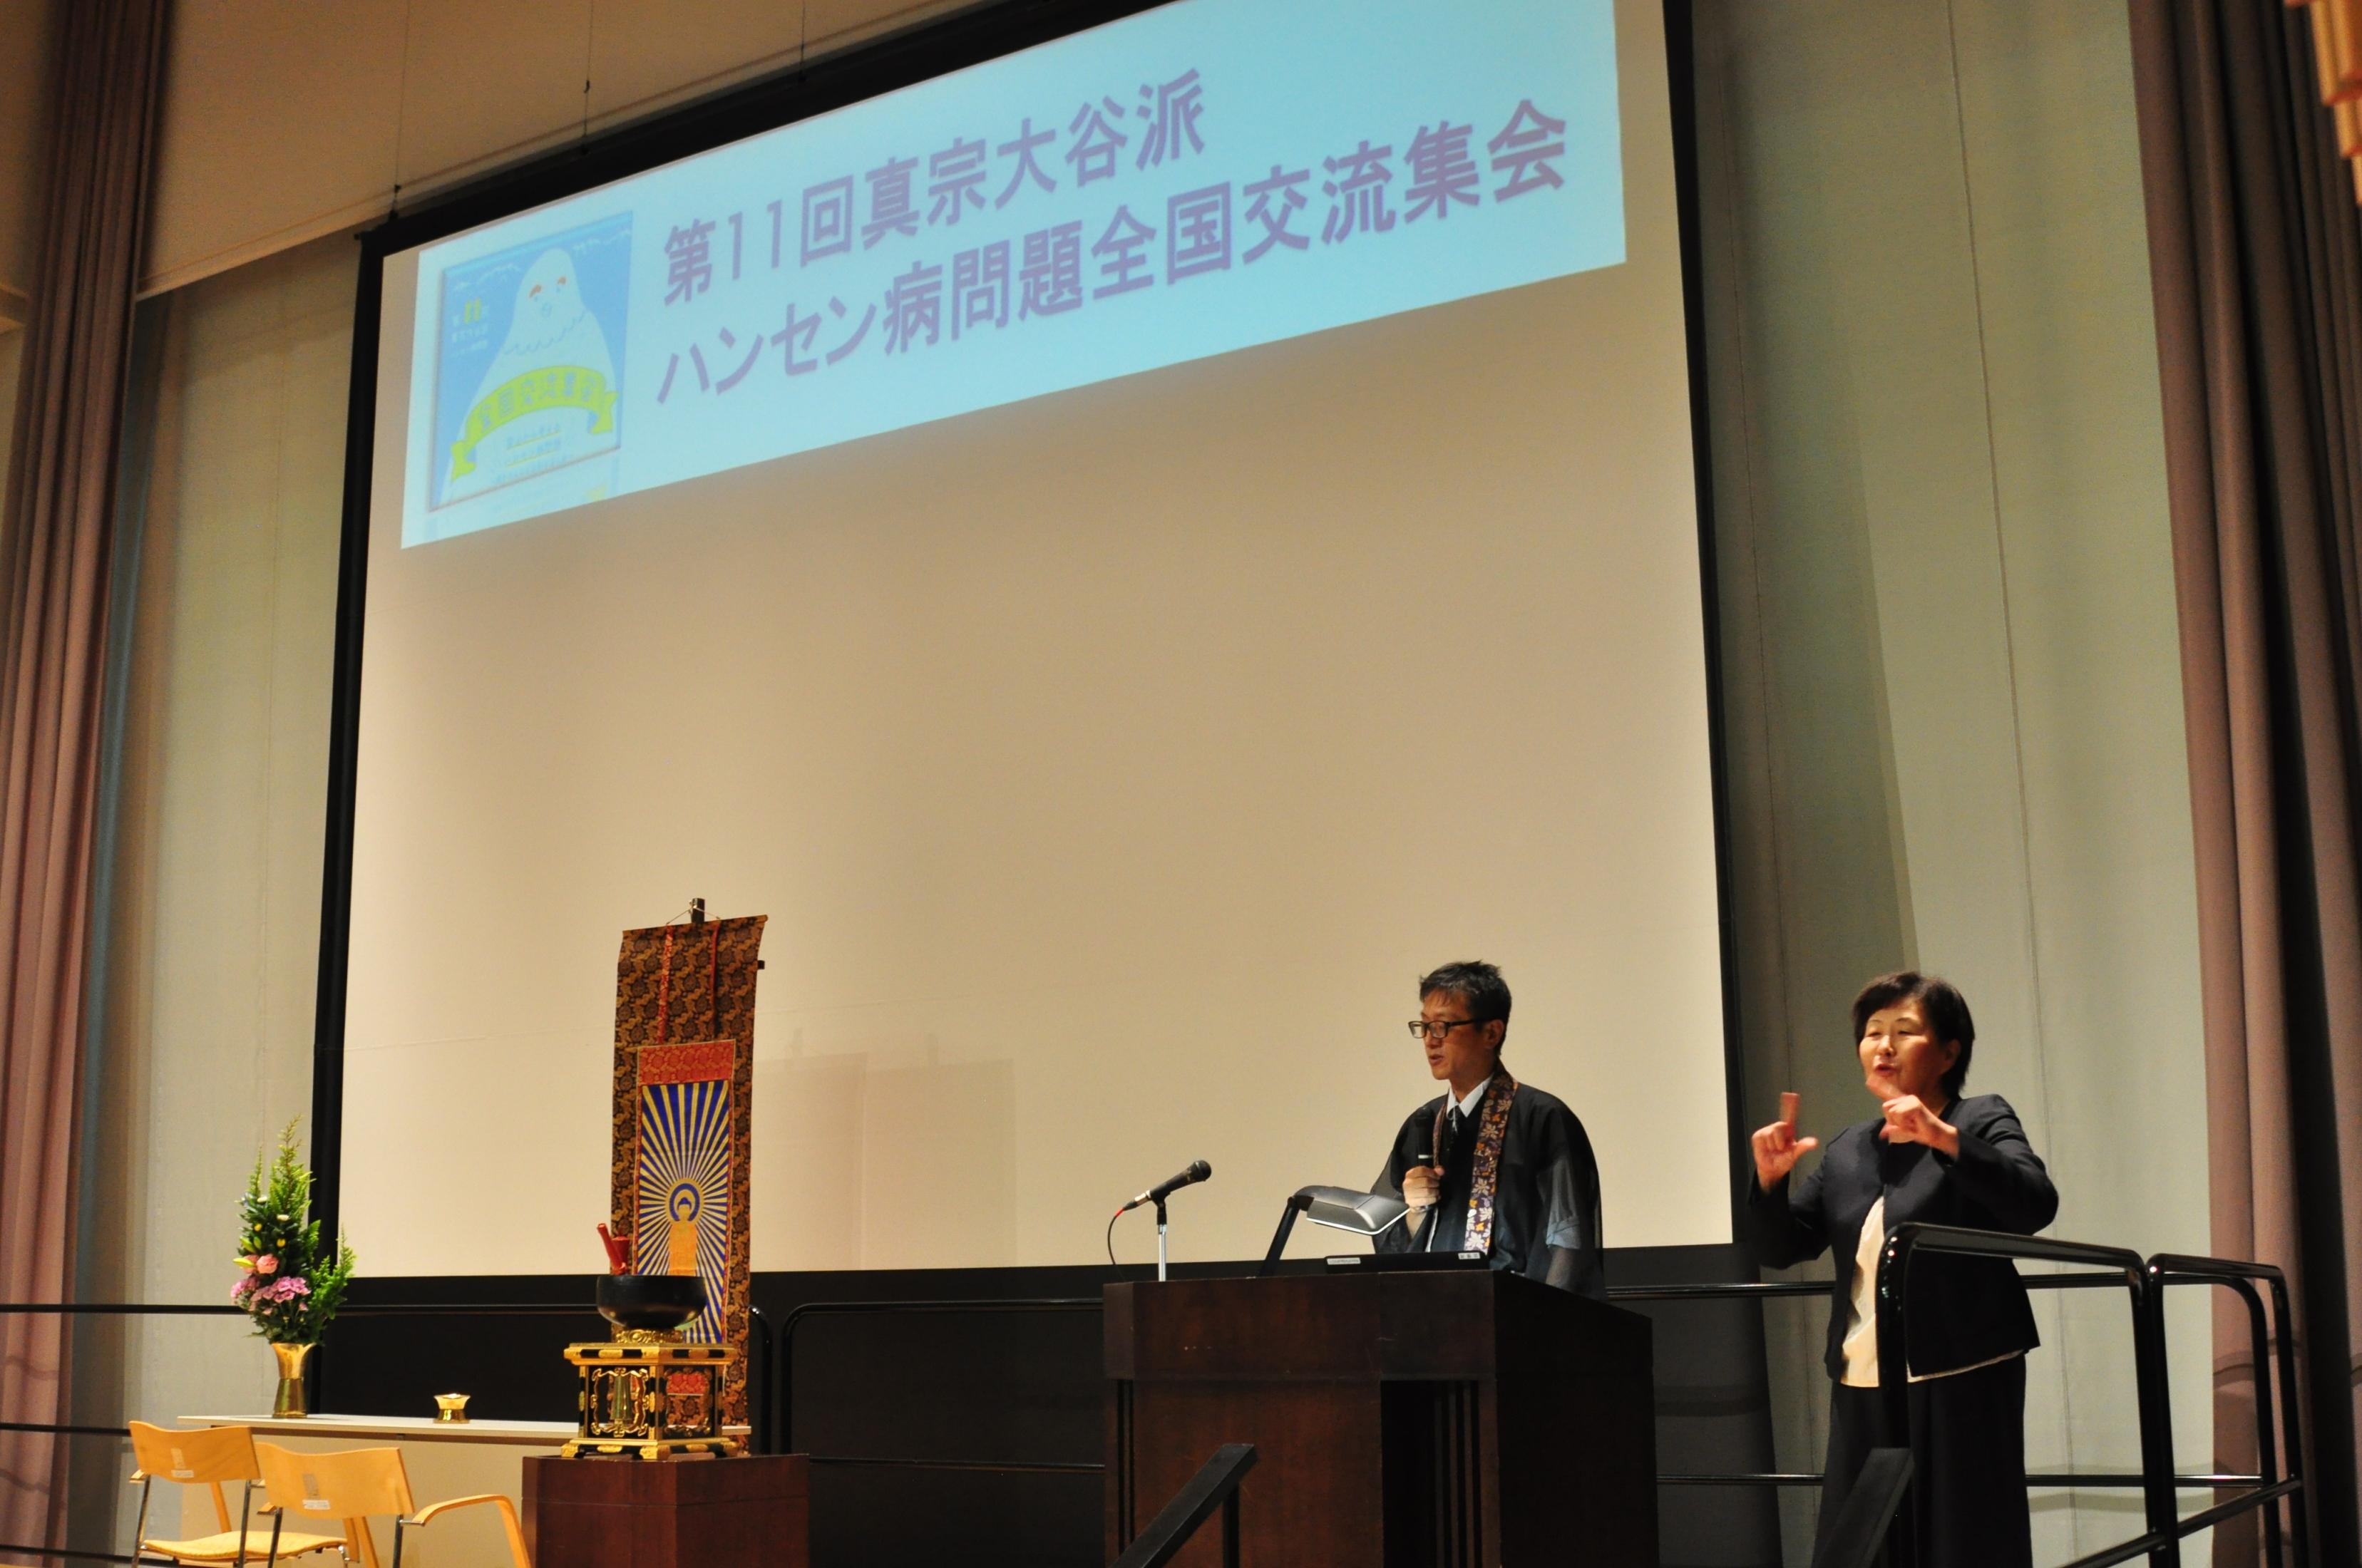 青井実行委員長による開会挨拶